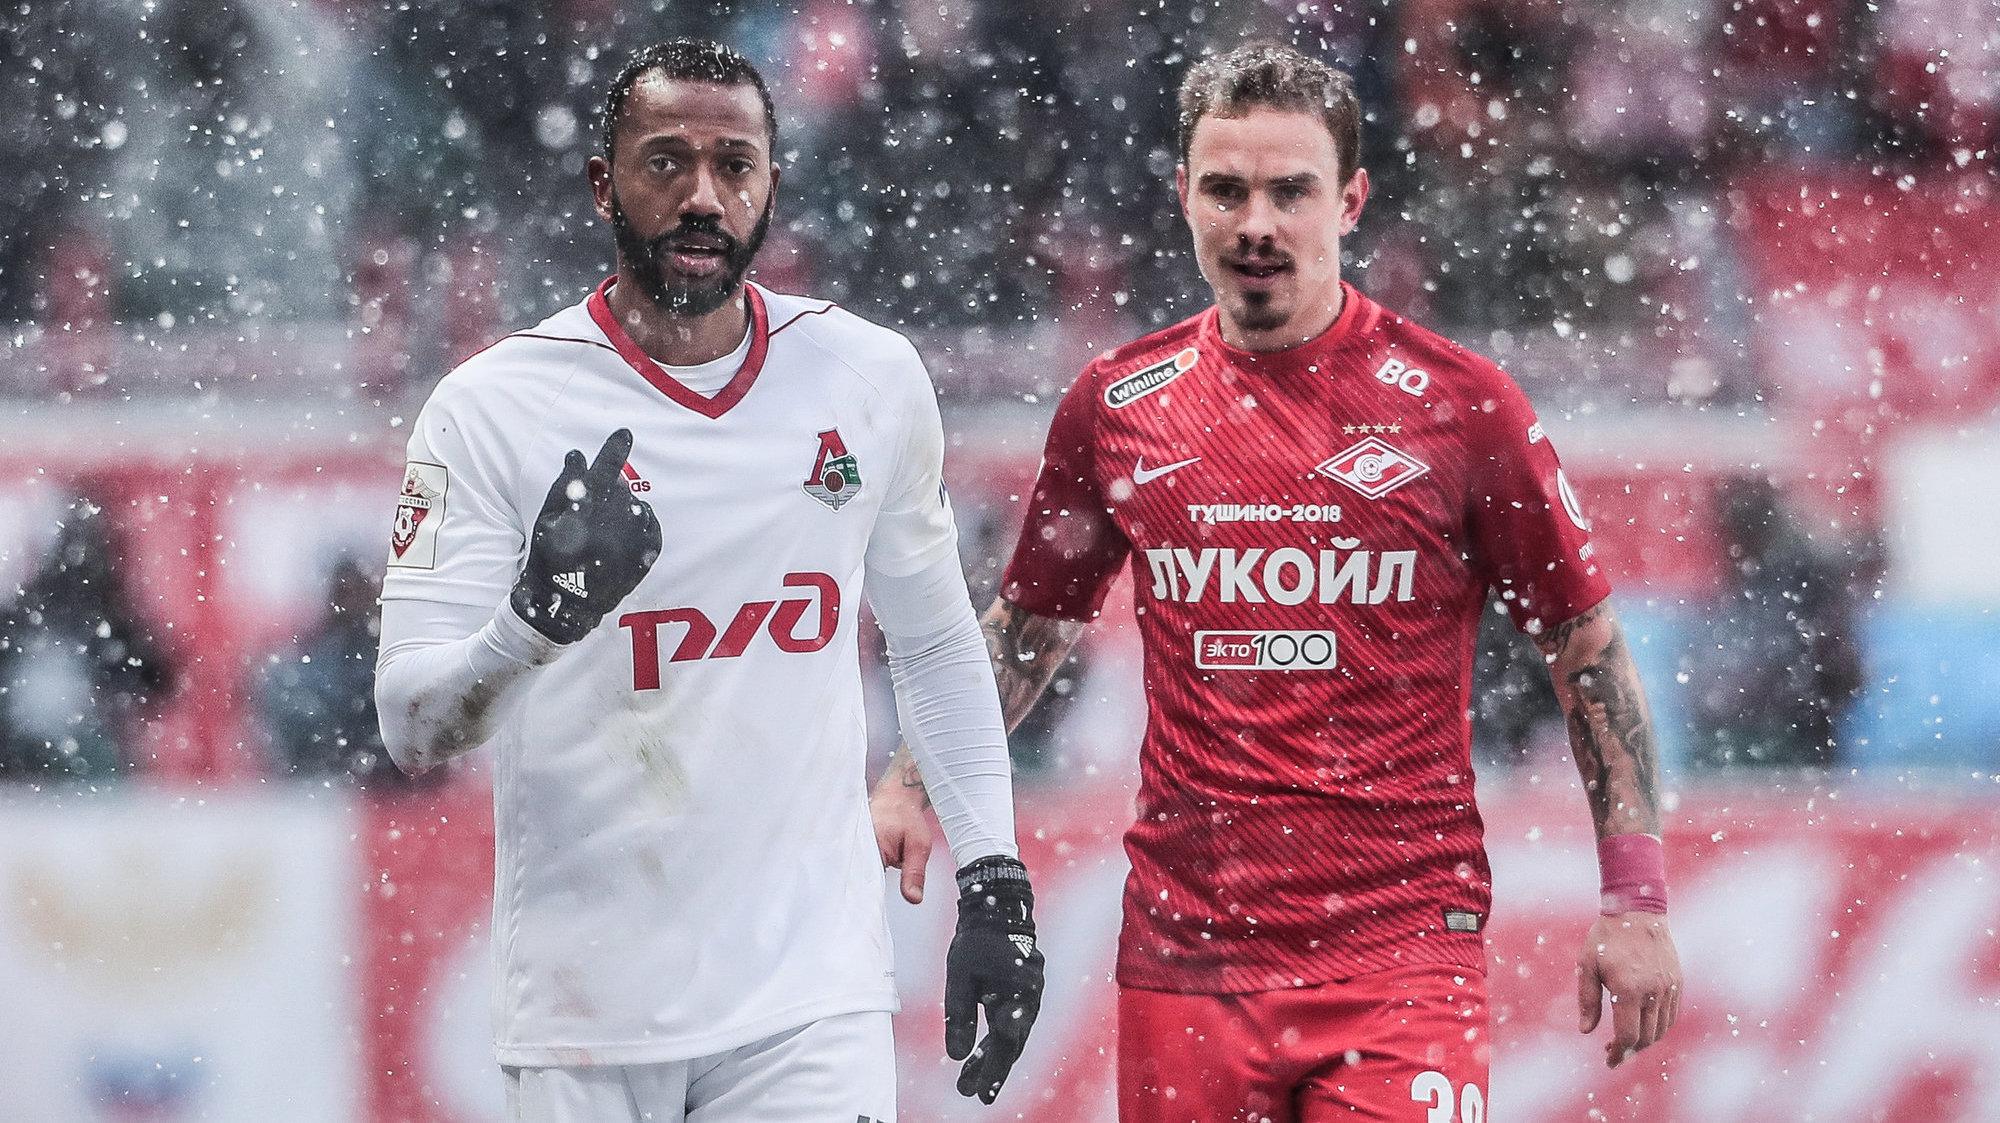 Зима, крестьянин, торжествуя… Вот и пришло время футбола!